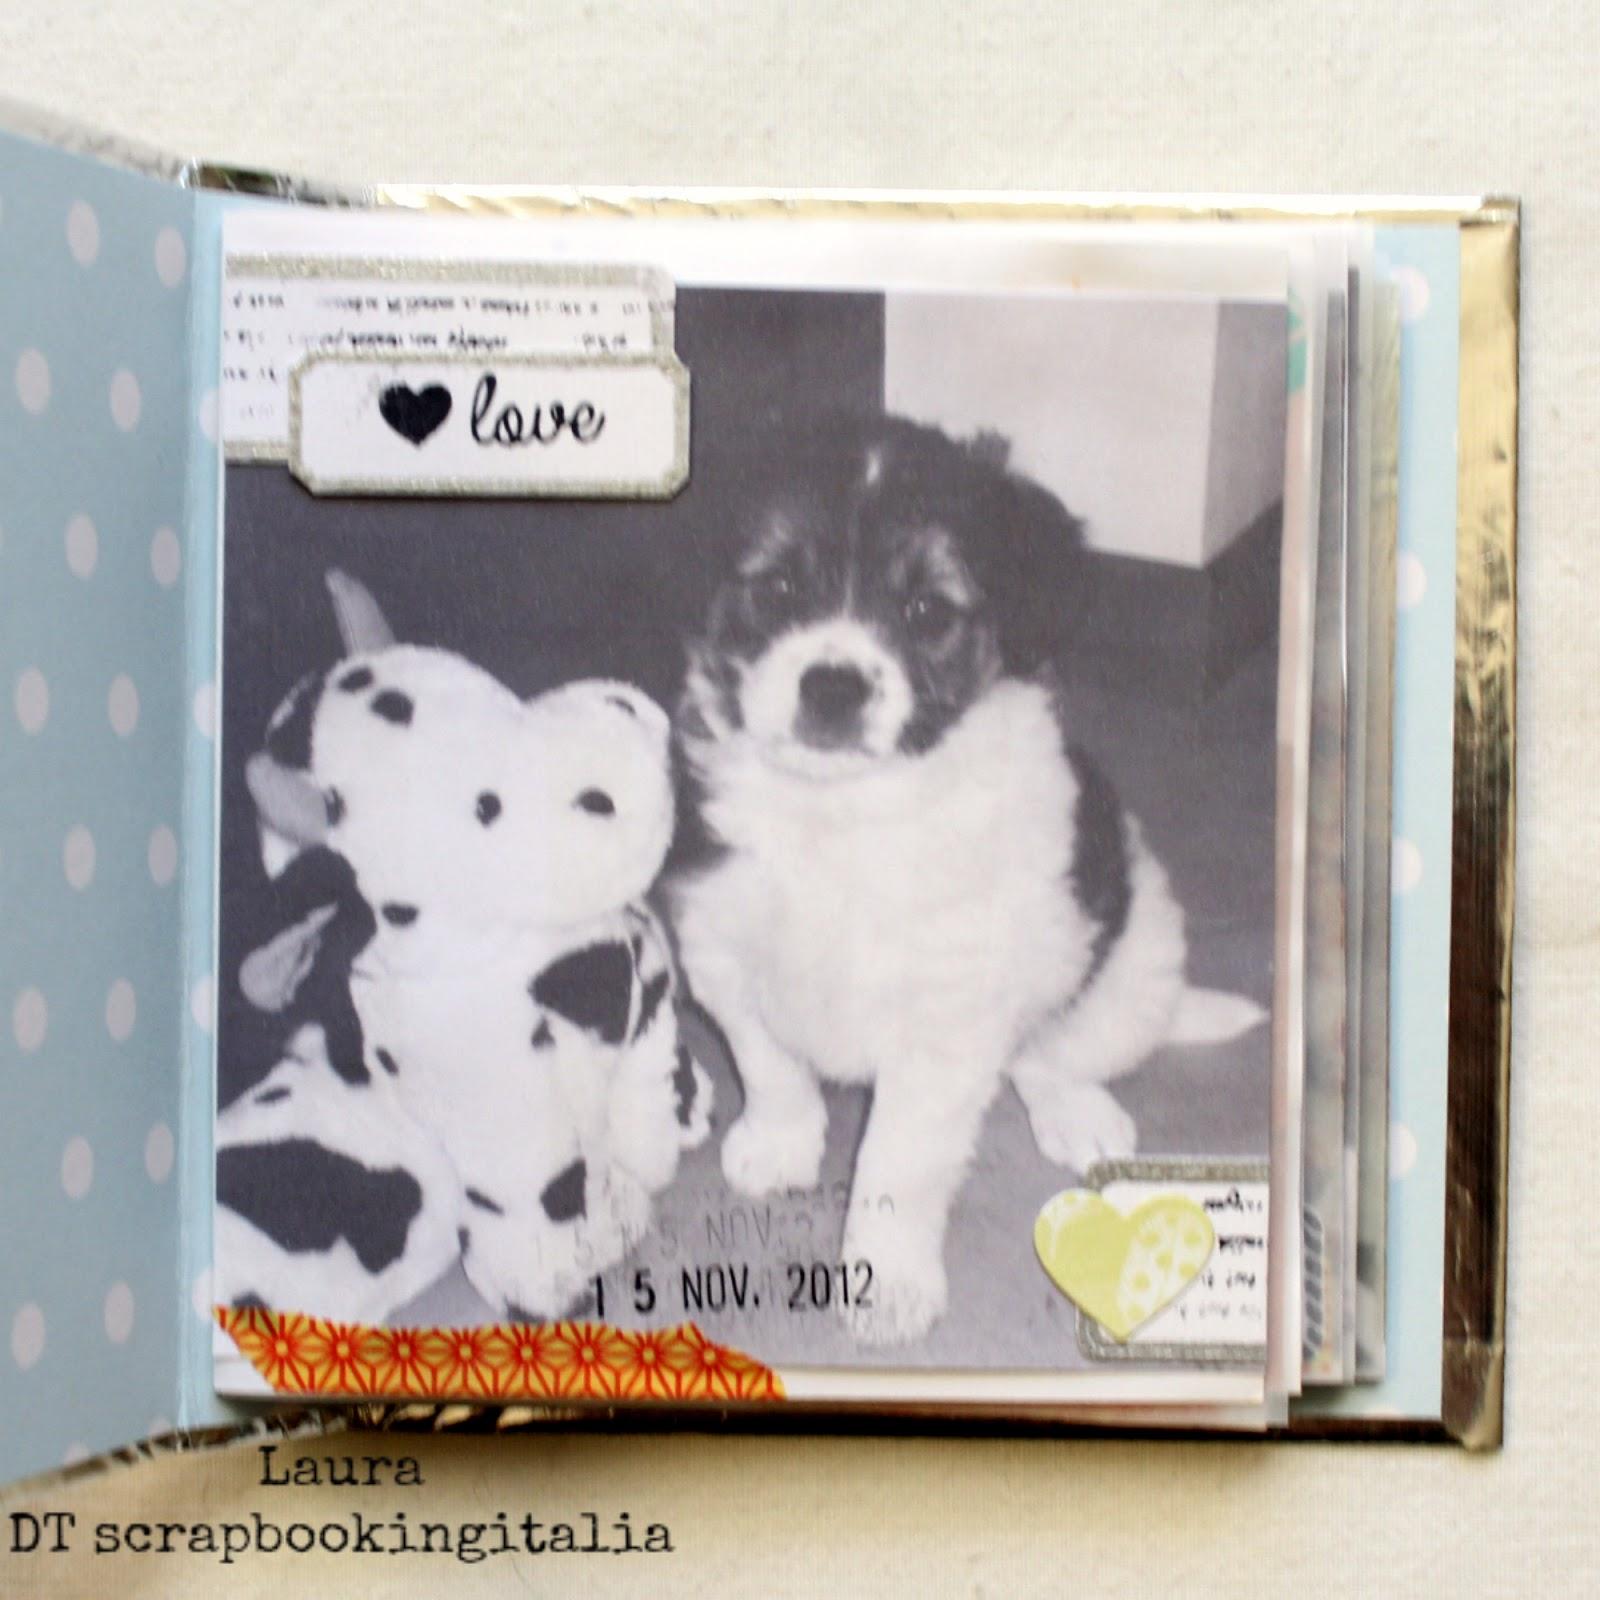 Mini K Che scrapbookingitalia mini album che passione 2